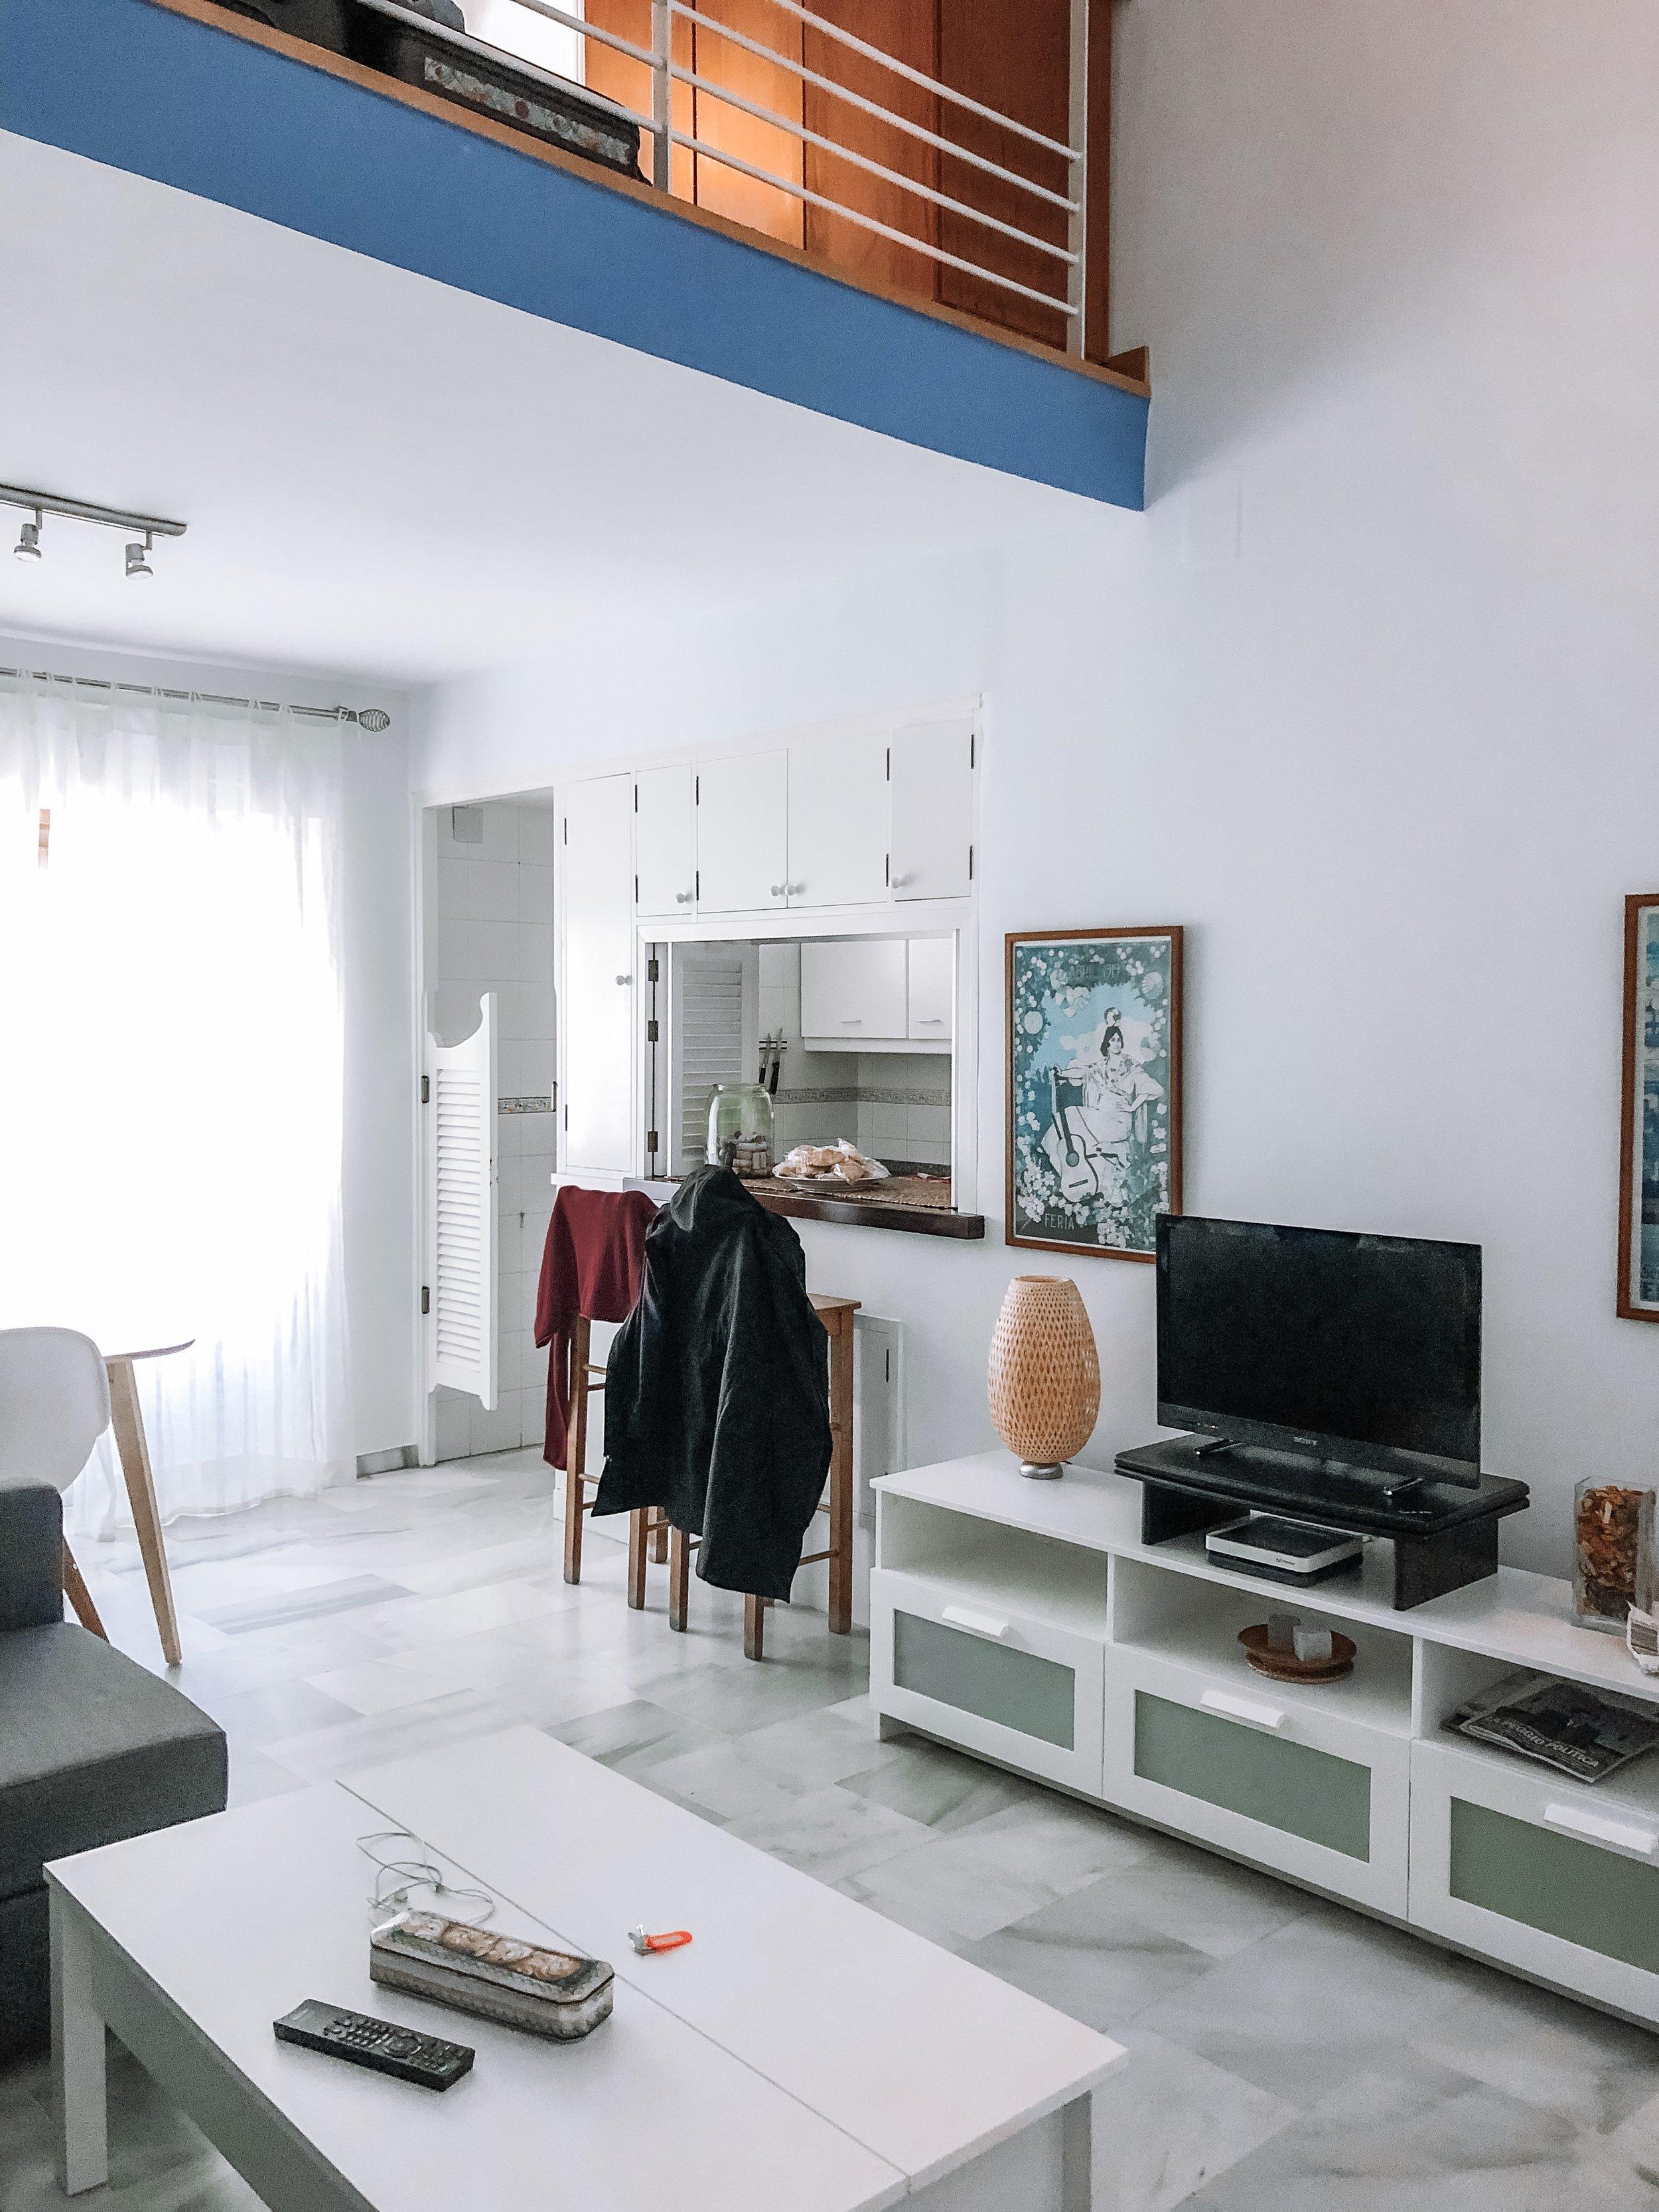 The Best Airbnb in Seville, Spain | Kessler Ramirez – Art